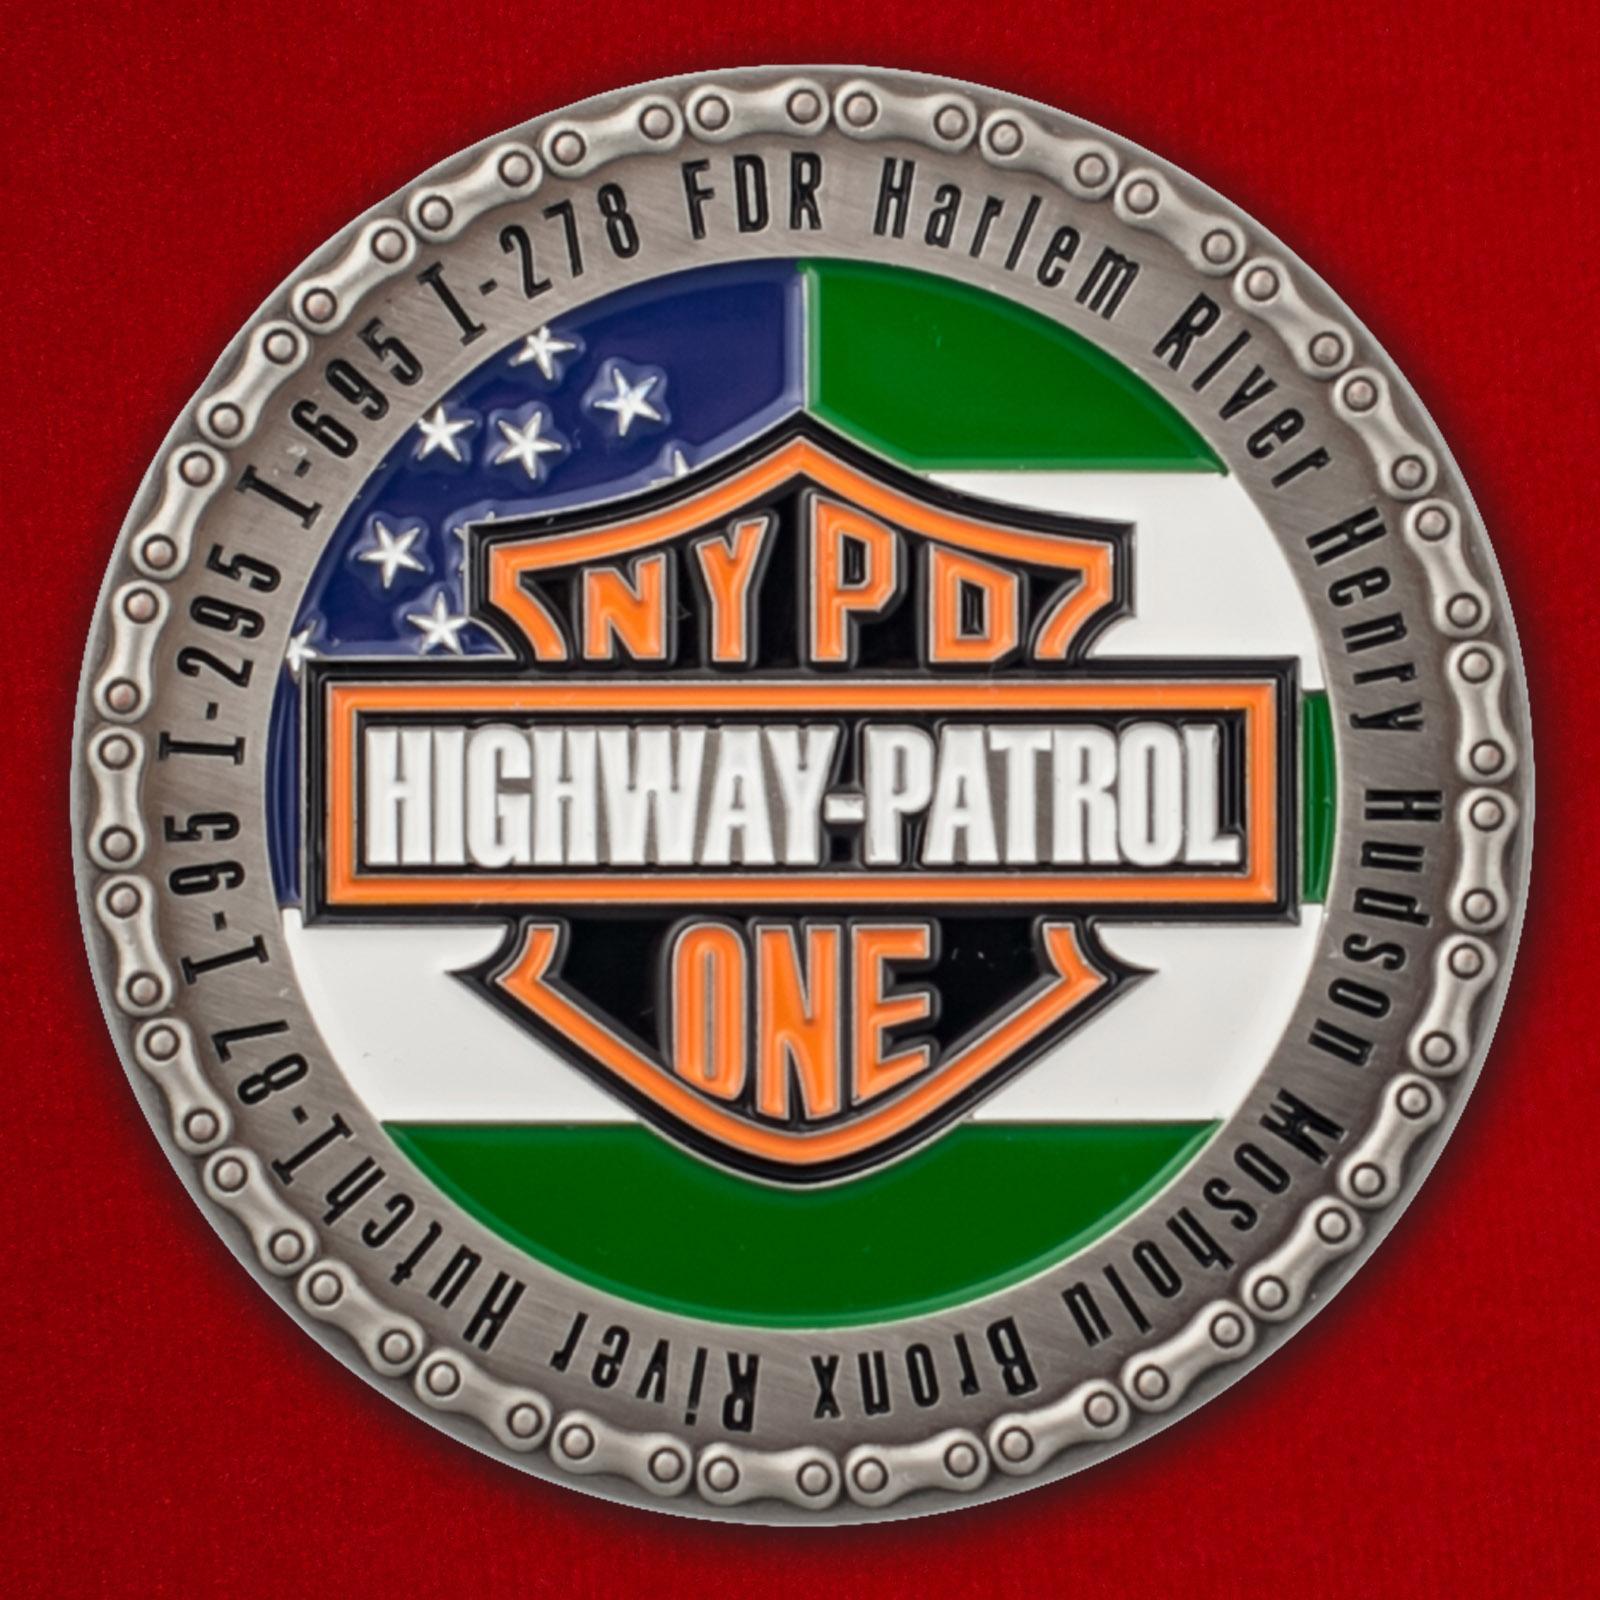 Челлендж коин сотрудников Дорожно-патрульной службы Нью-Йорка